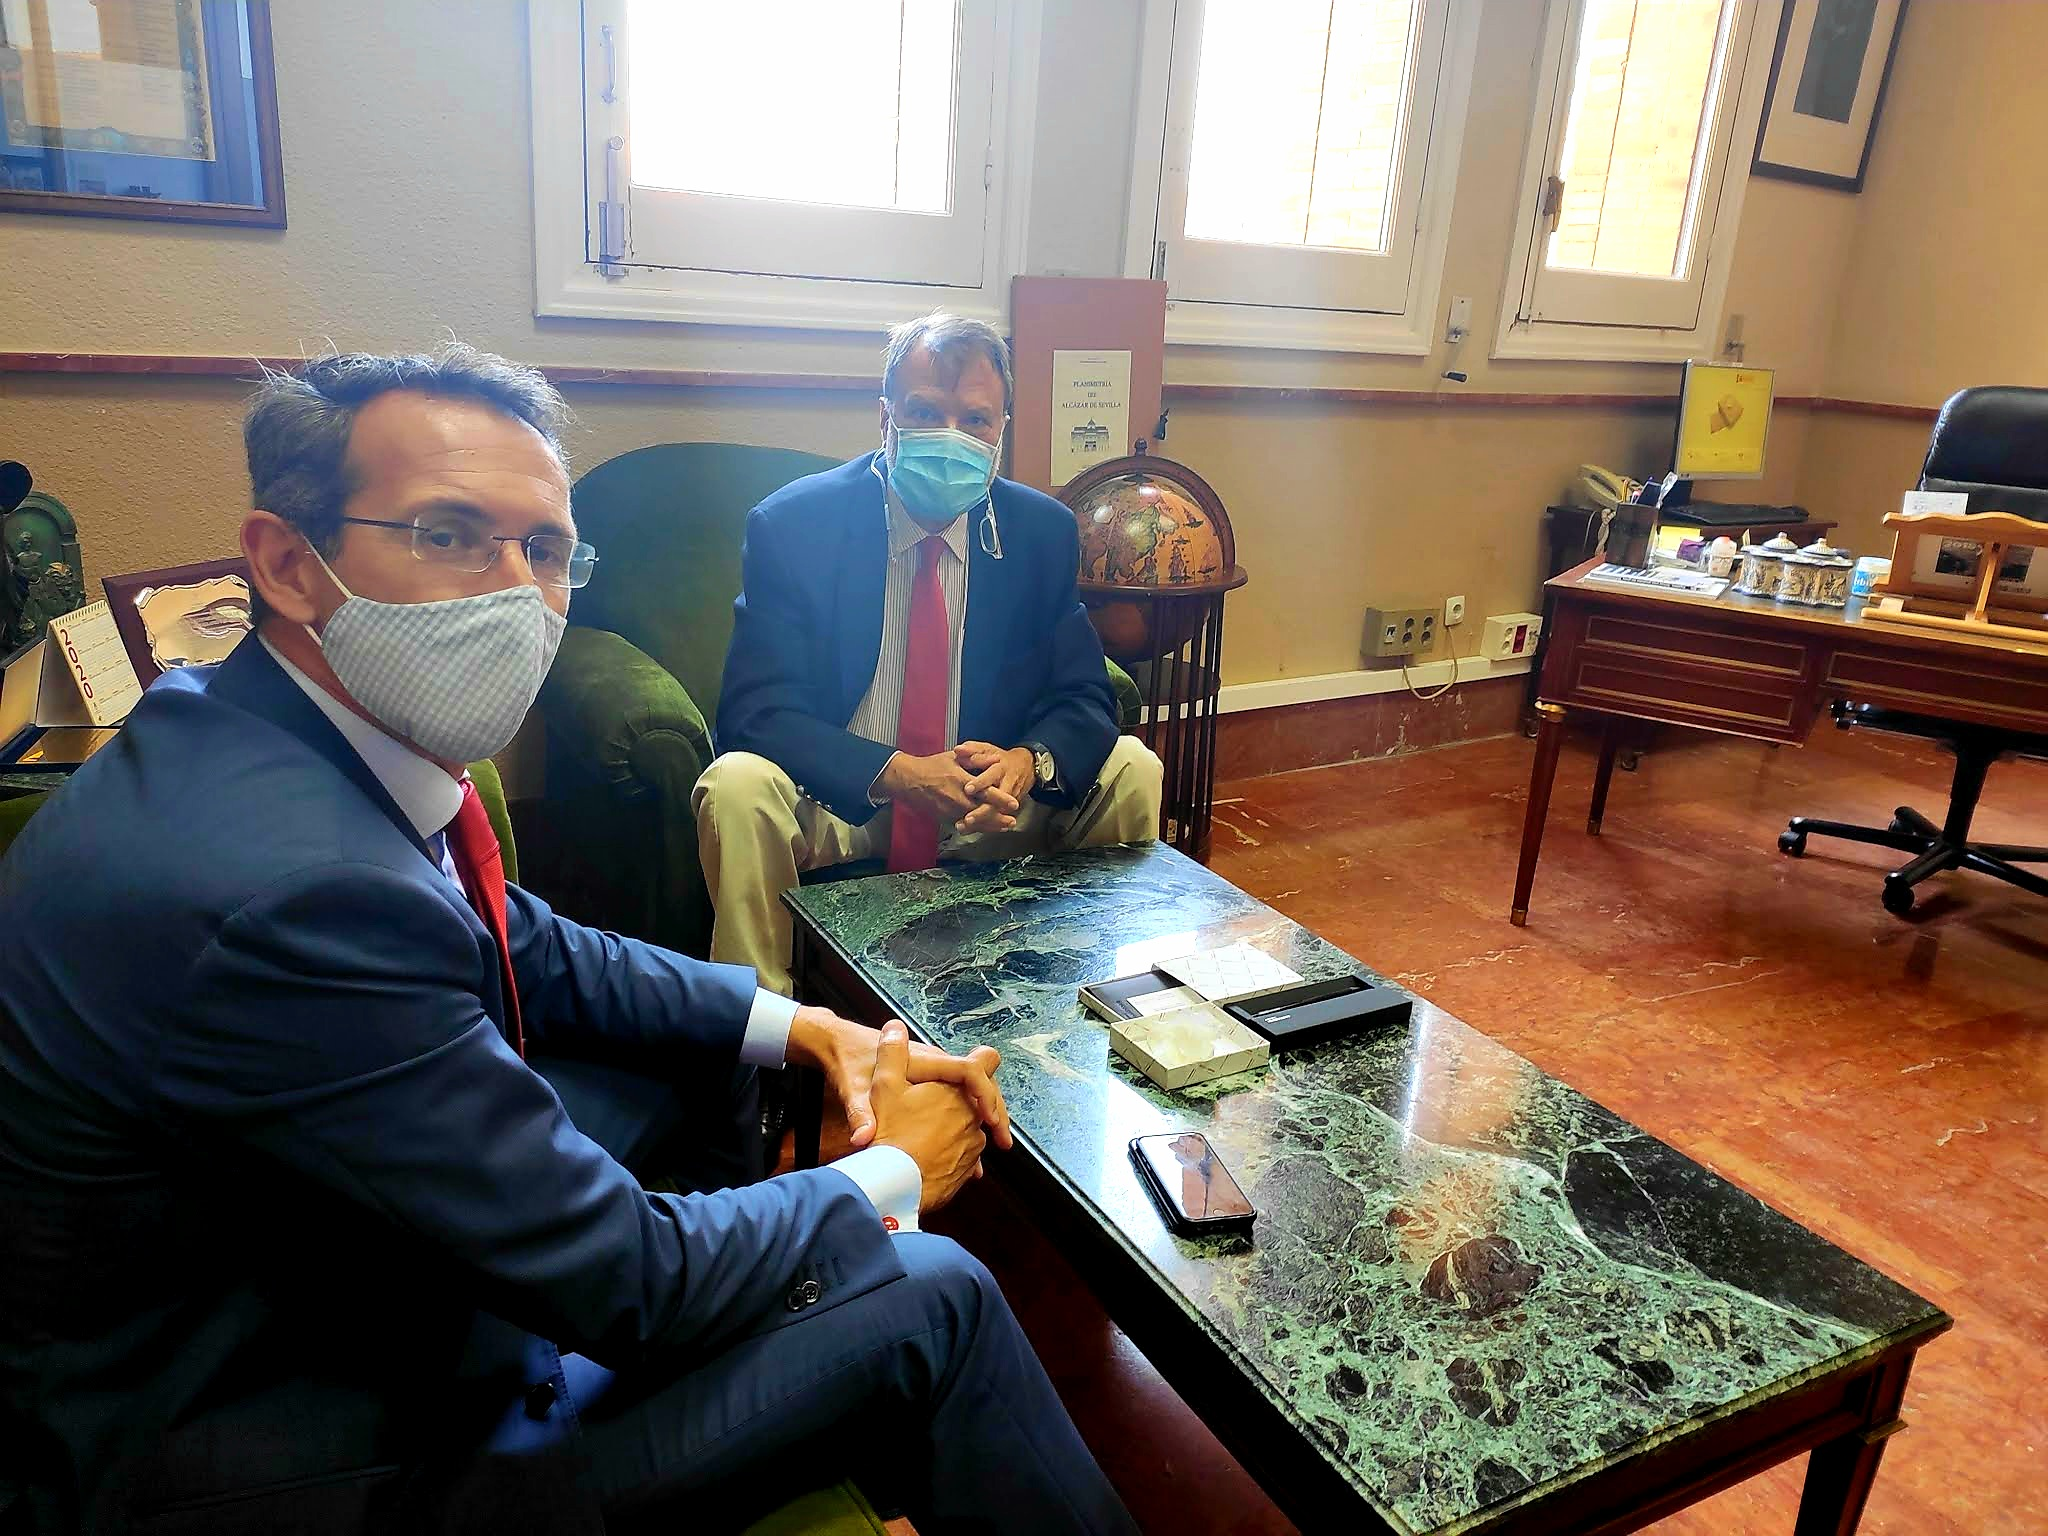 El delegado de la Zona Franca de Sevilla, Alfredo Sánchez Monteseirín, se reúne con el director de la sucursal en Sevilla del Banco de España para tratar temas sobre cooperación y trabajo en común